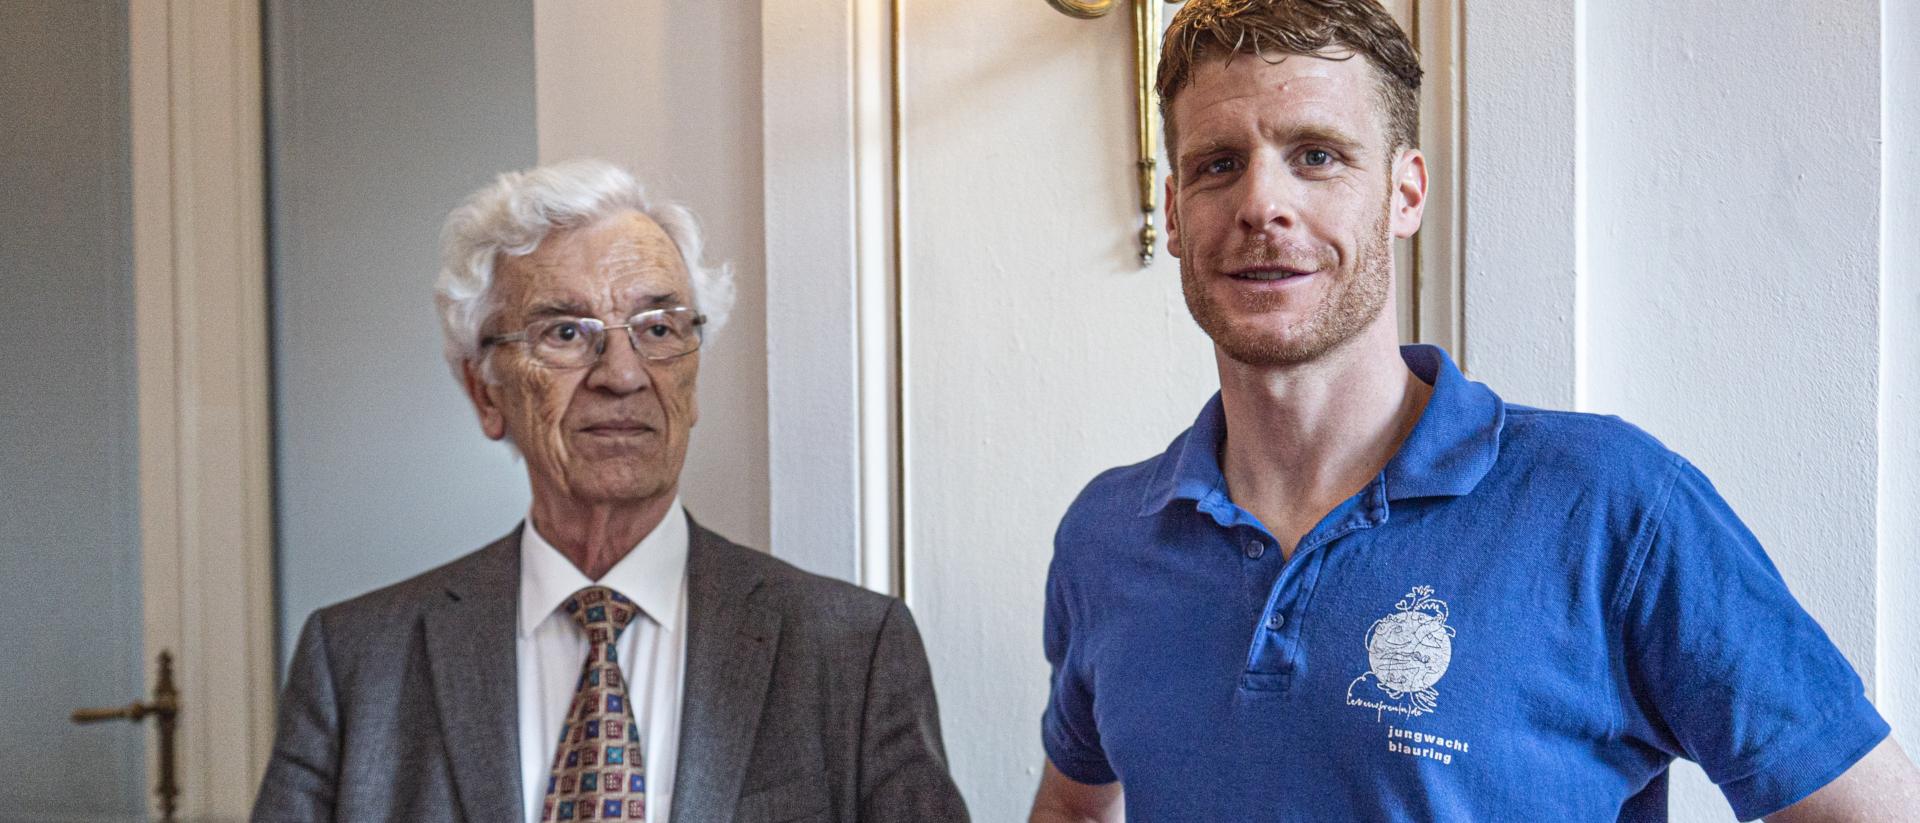 Leo Karrer (l.) und Valentin Beck (Jubla) an der Preisverleihung der Herbert-Haag-Stiftung für Freiheit in der Kirche im Hotel Schweizerhof in Luzern (Schweiz)  | ©Vera Rüttimann